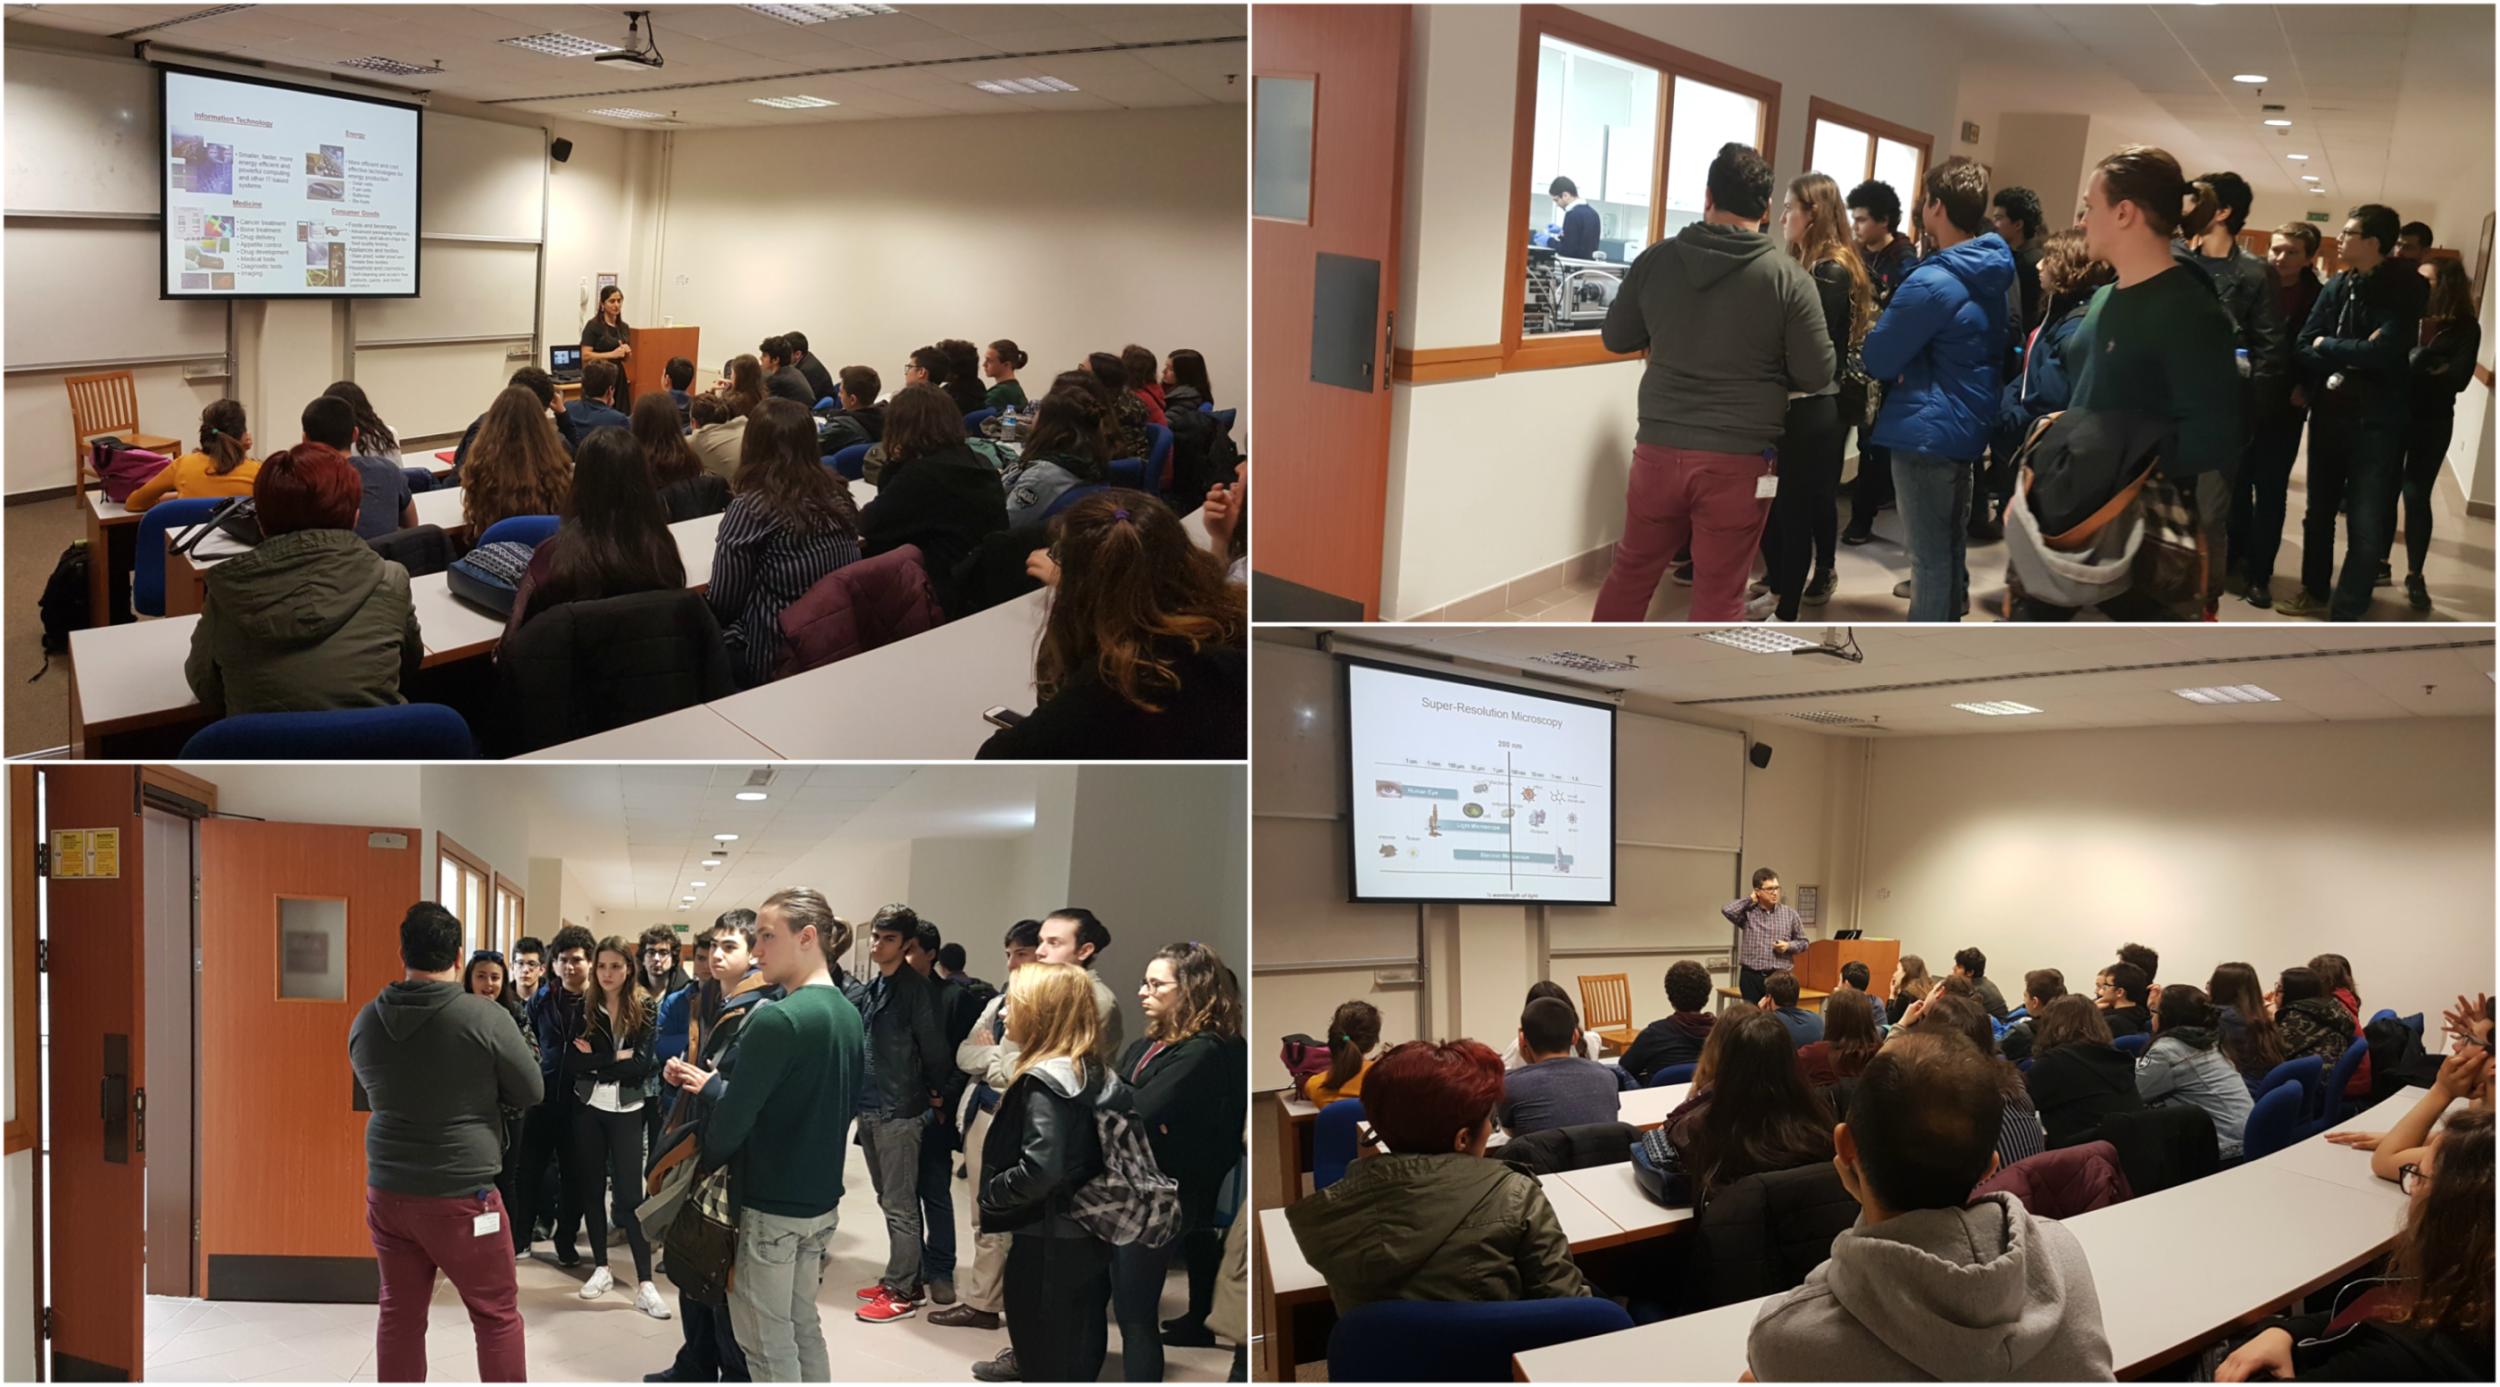 Kadıköy Anadolu Lisesi'nden Öğrenciler Fakültemizi Ziyaret Etti